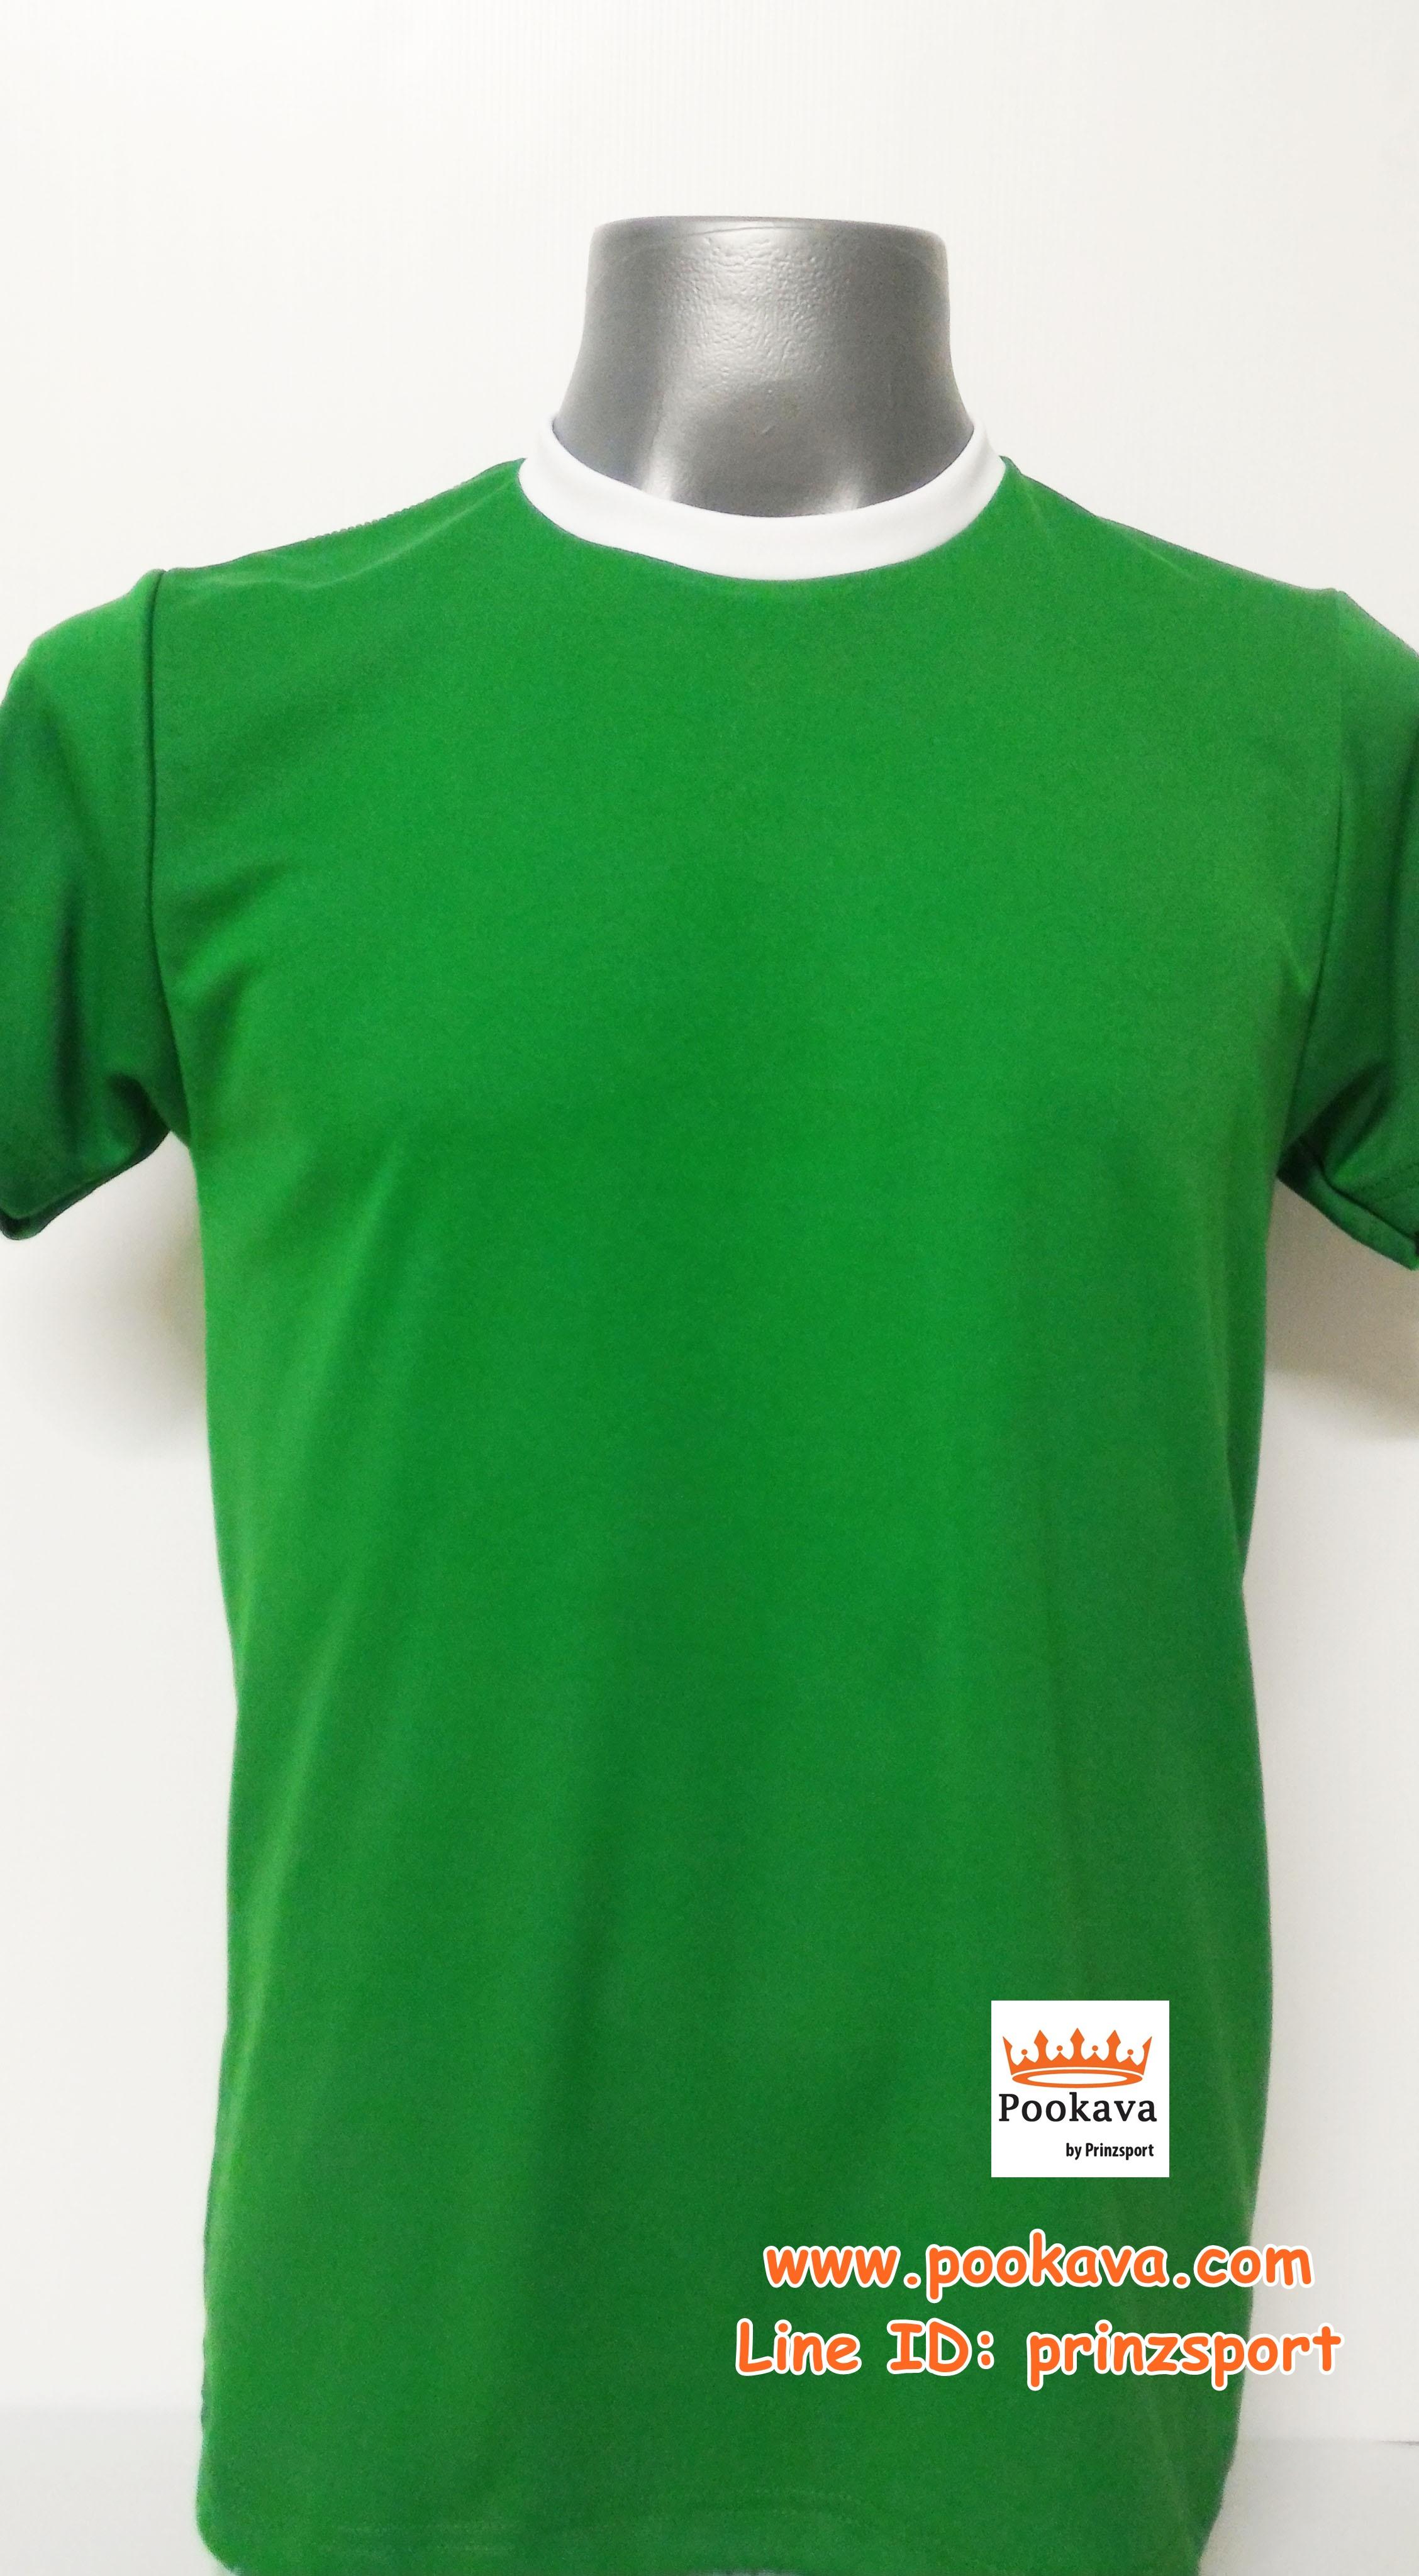 ขายส่ง ไซส์ XXL รอบอก 44 นิ้ว เสื้อกีฬาสีเขียว เสื้อกีฬาเปล่าผู้ใหญ่ เสื้อเปล่า